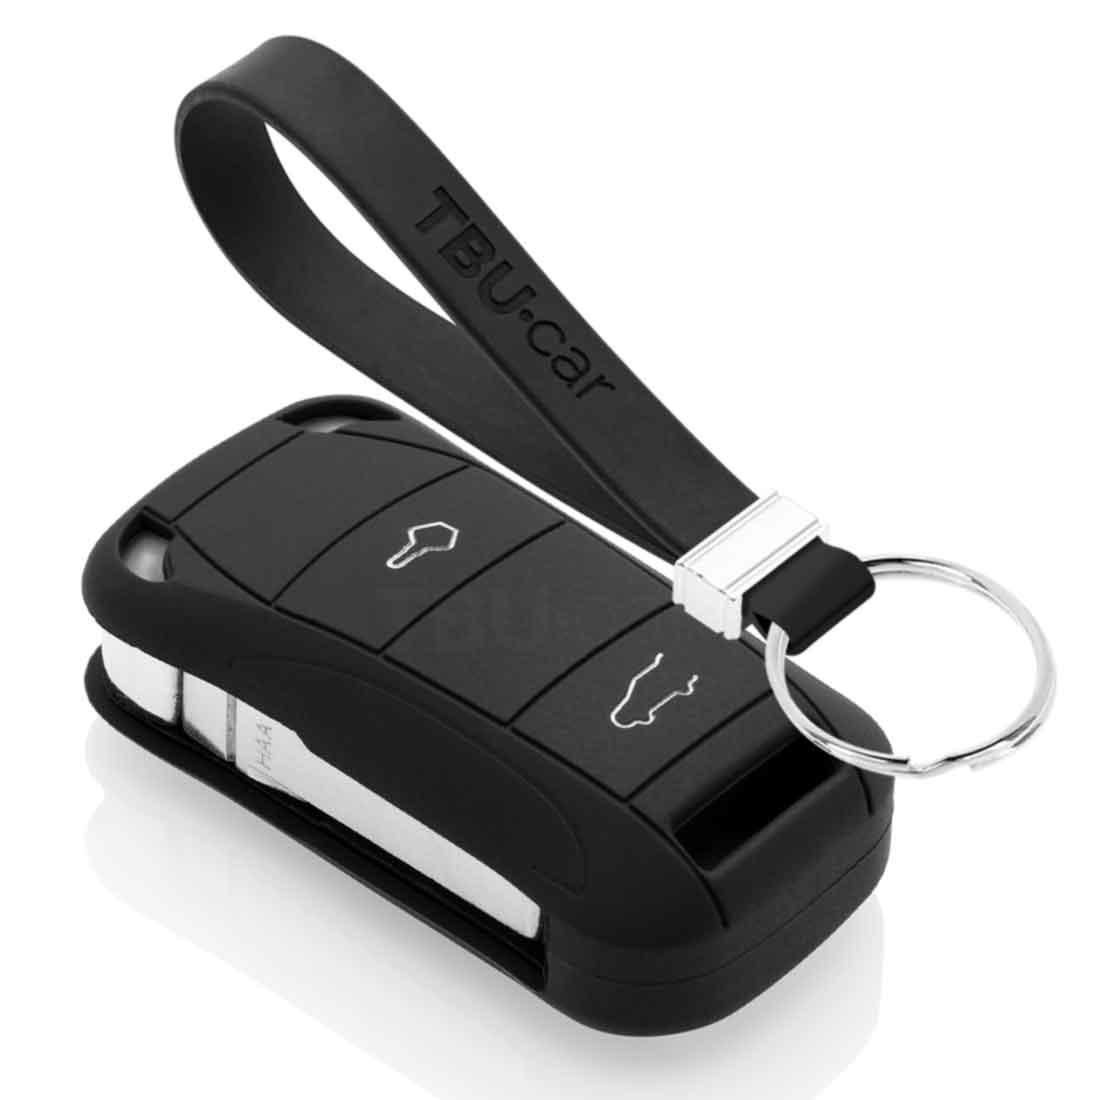 TBU car TBU car Autoschlüssel Hülle kompatibel mit Porsche 2 Tasten - Schutzhülle aus Silikon - Auto Schlüsselhülle Cover in Schwarz